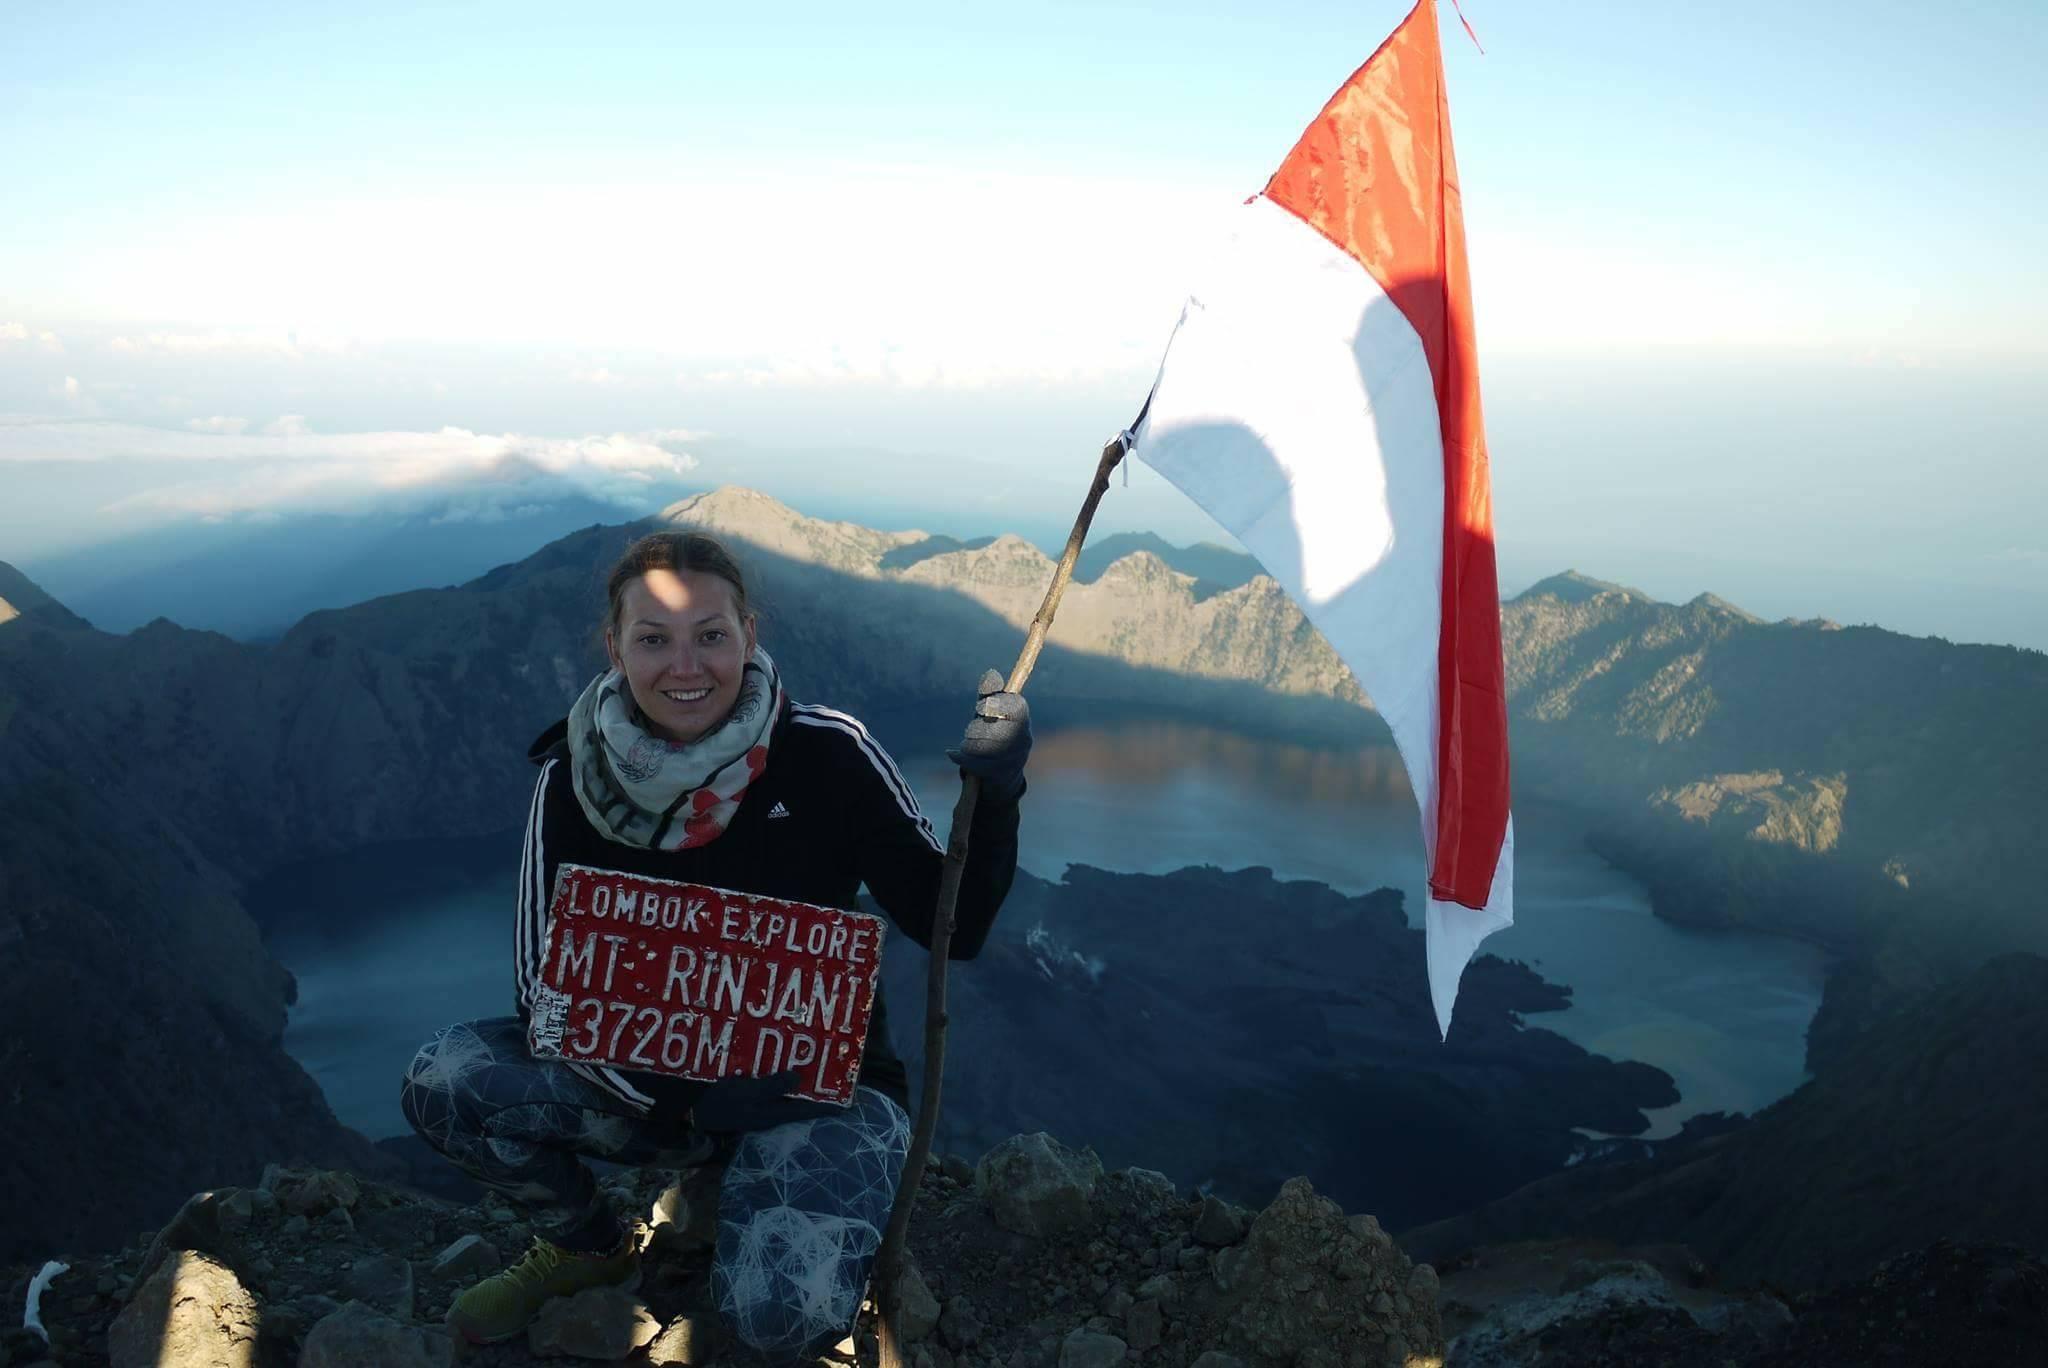 Auf dem Gipfel des Rinjani mit Flagge und Aussicht